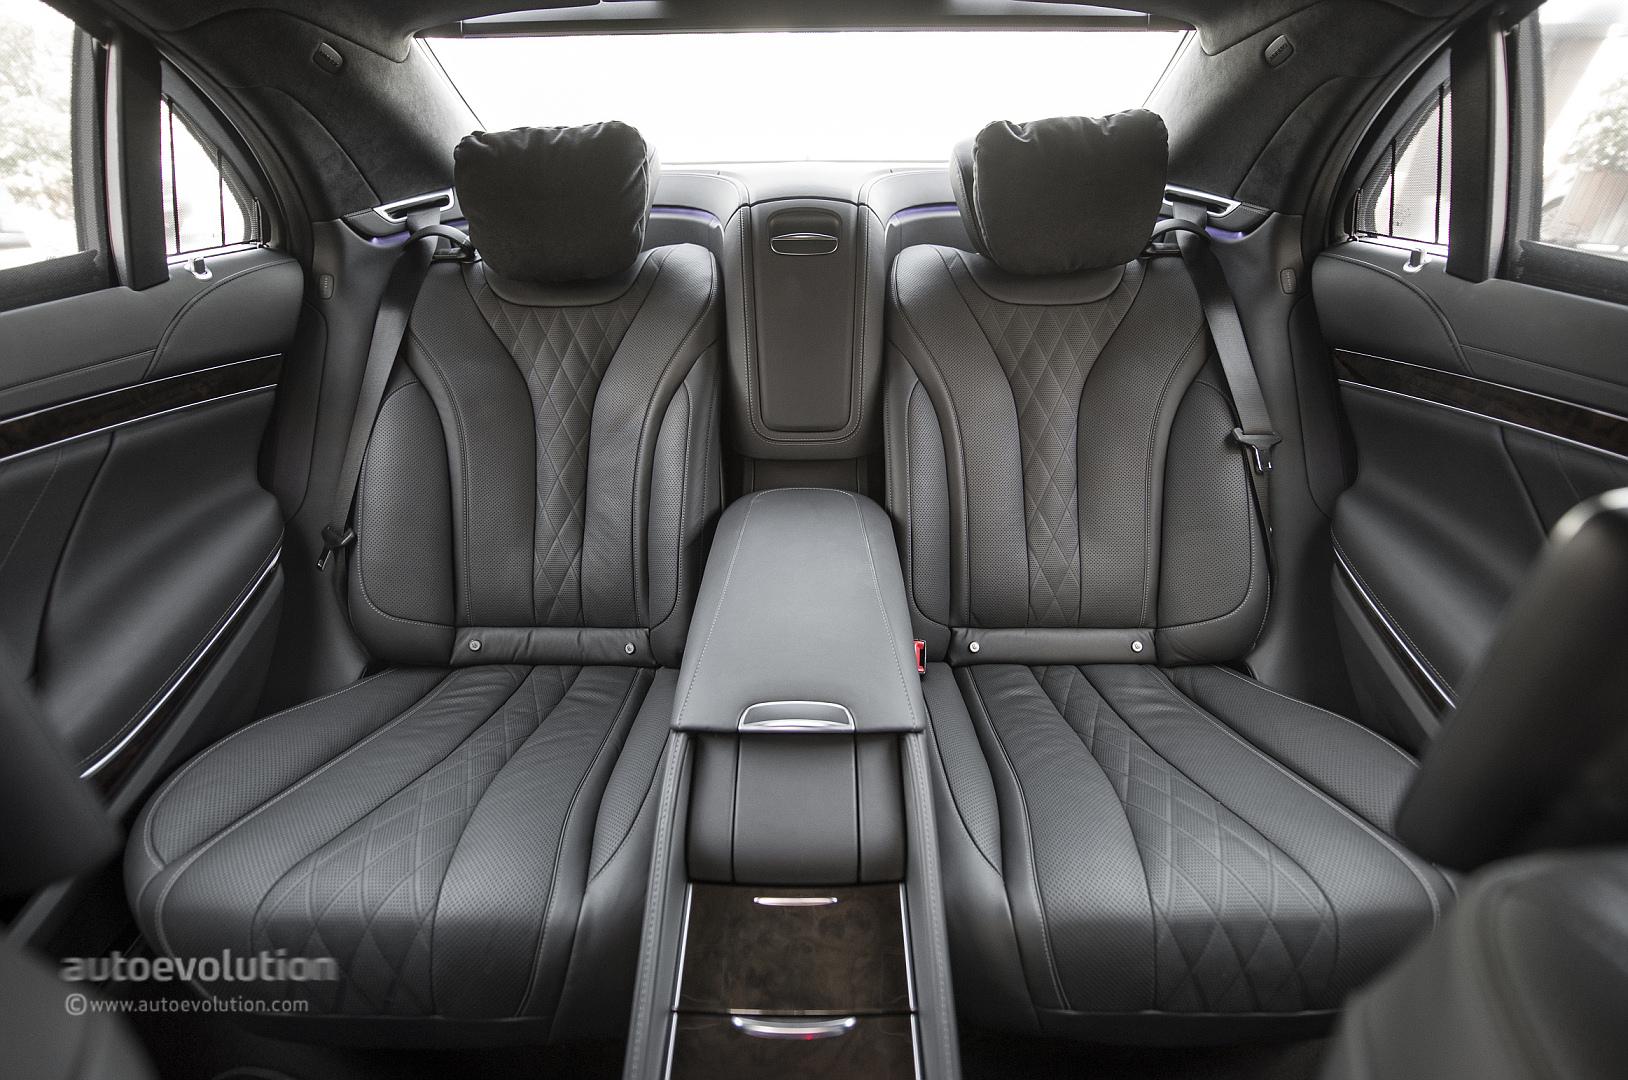 2014 MERCEDES-BENZ S500 Long Review - autoevolution